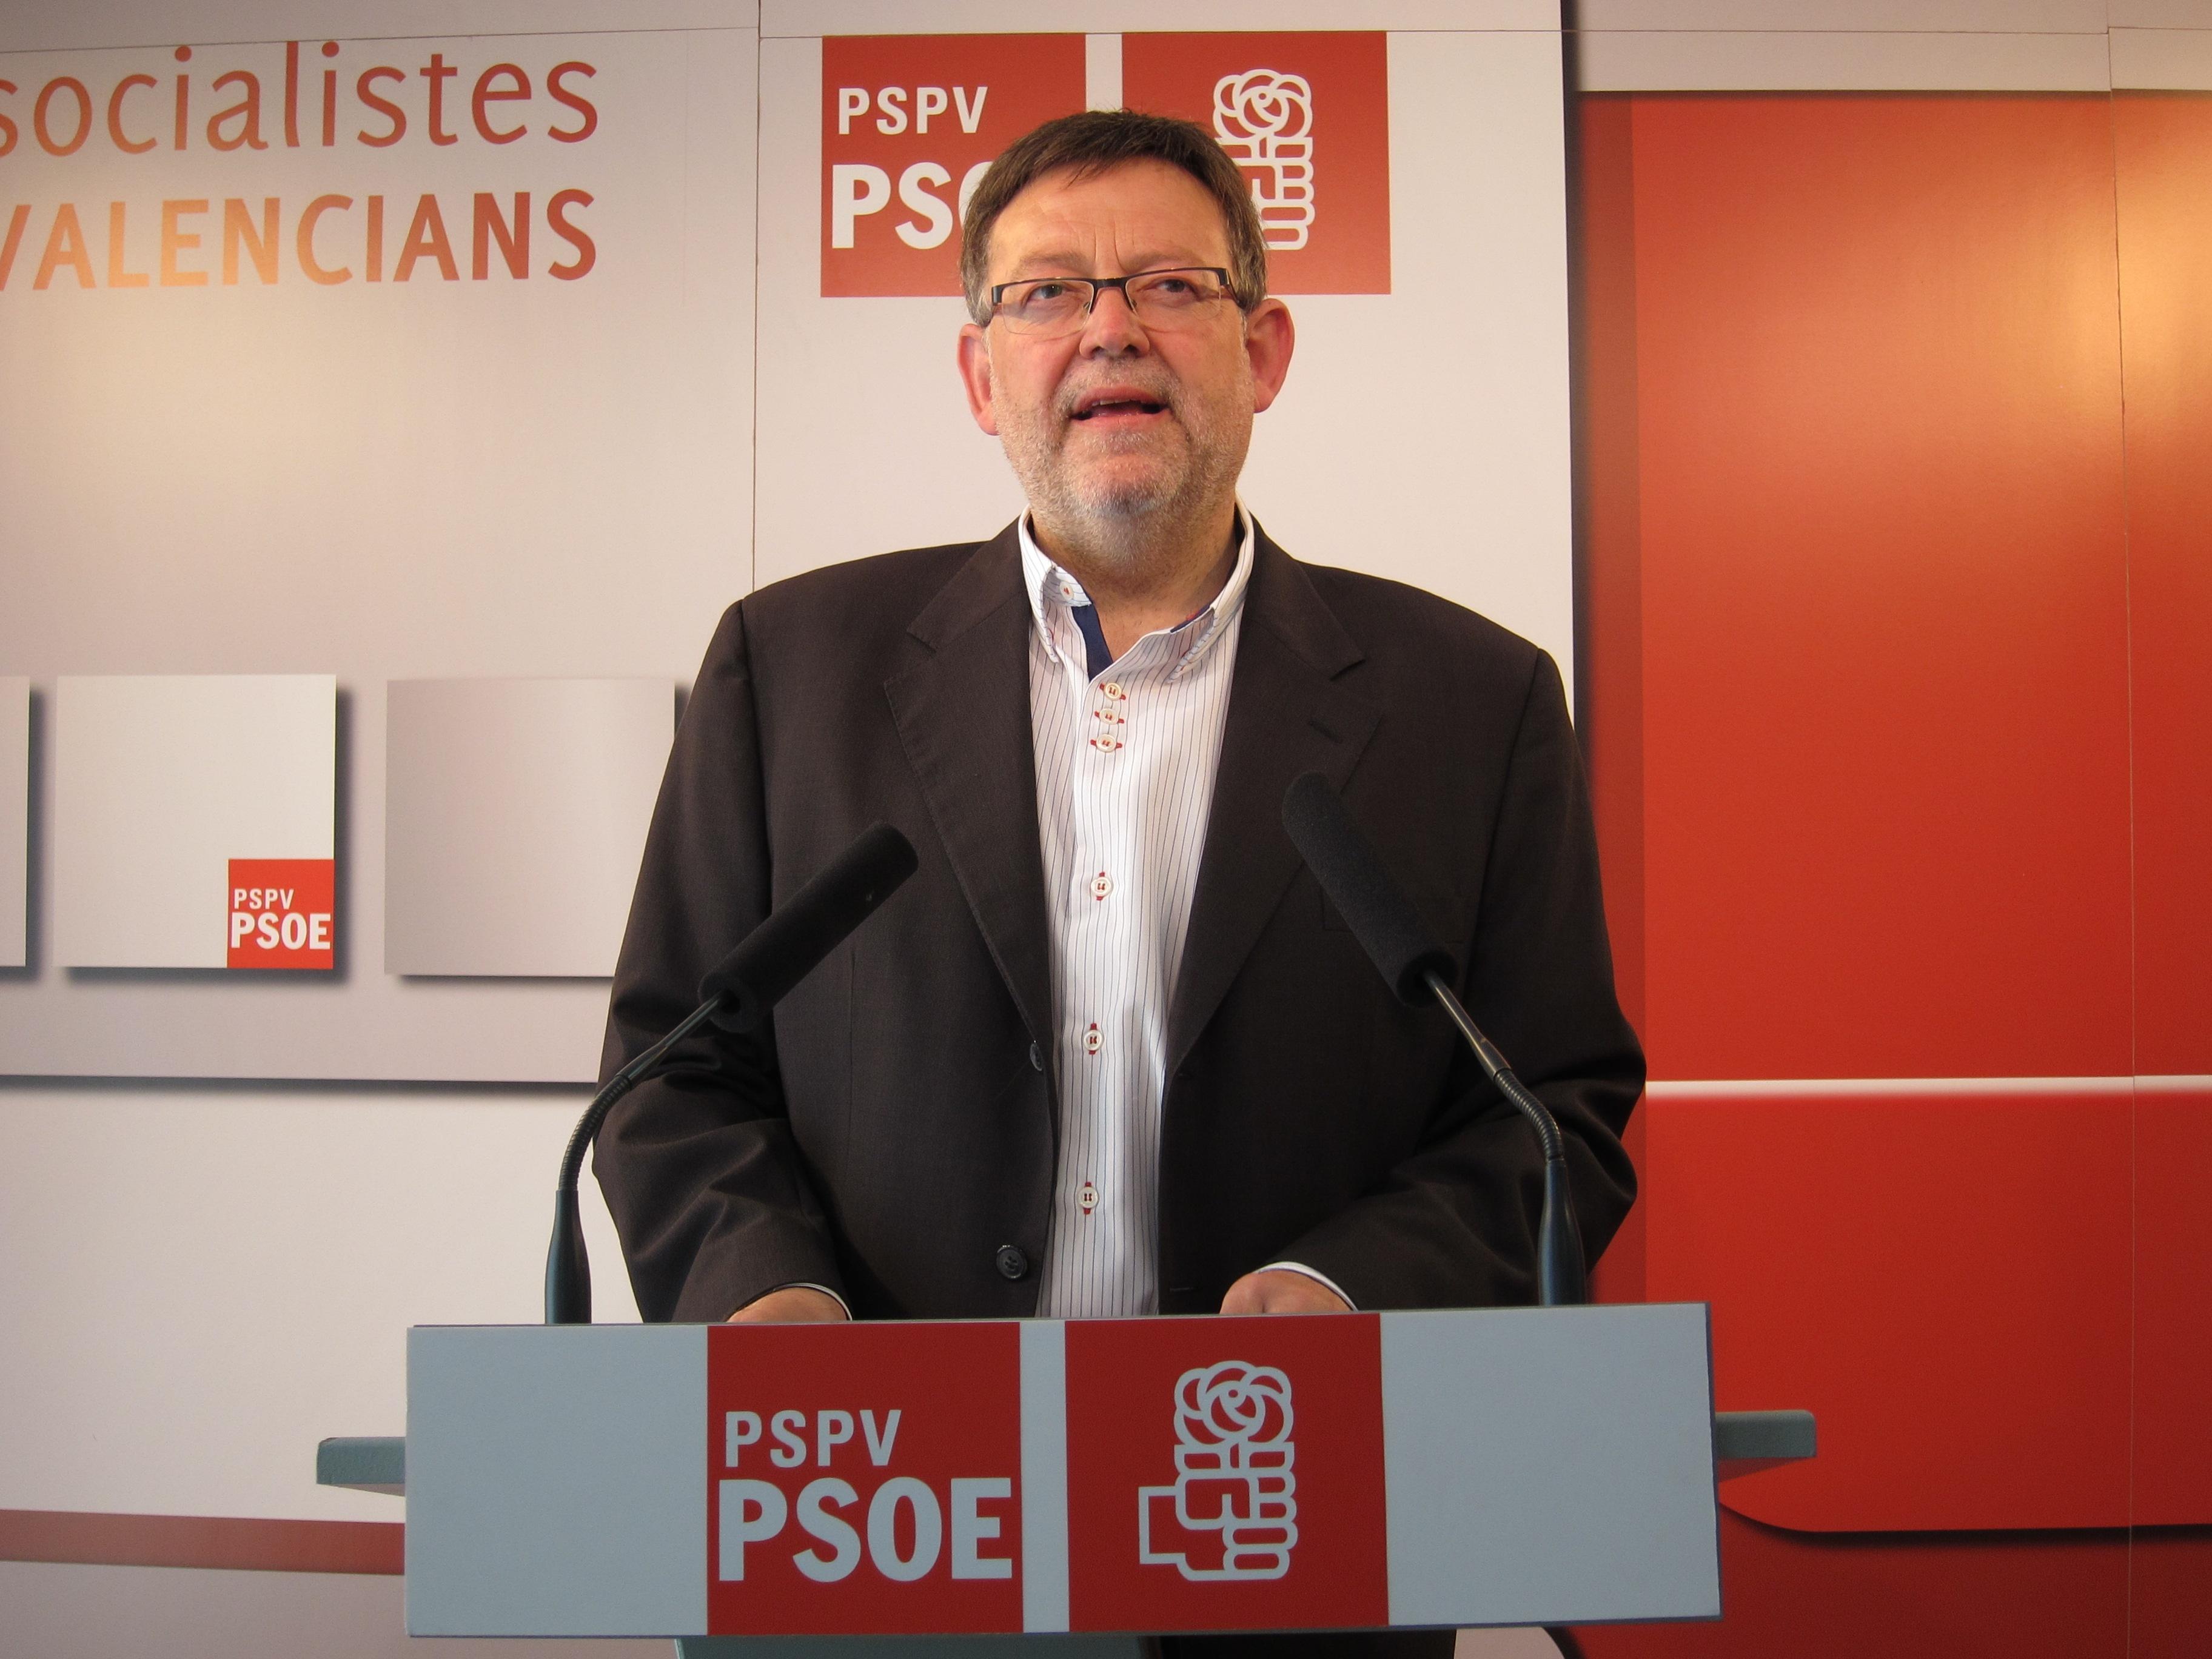 Puig (PSPV) pide la comparecencia de Seguí (DGT) en el Congreso para que explique la retirada de la sanción al kamikaze